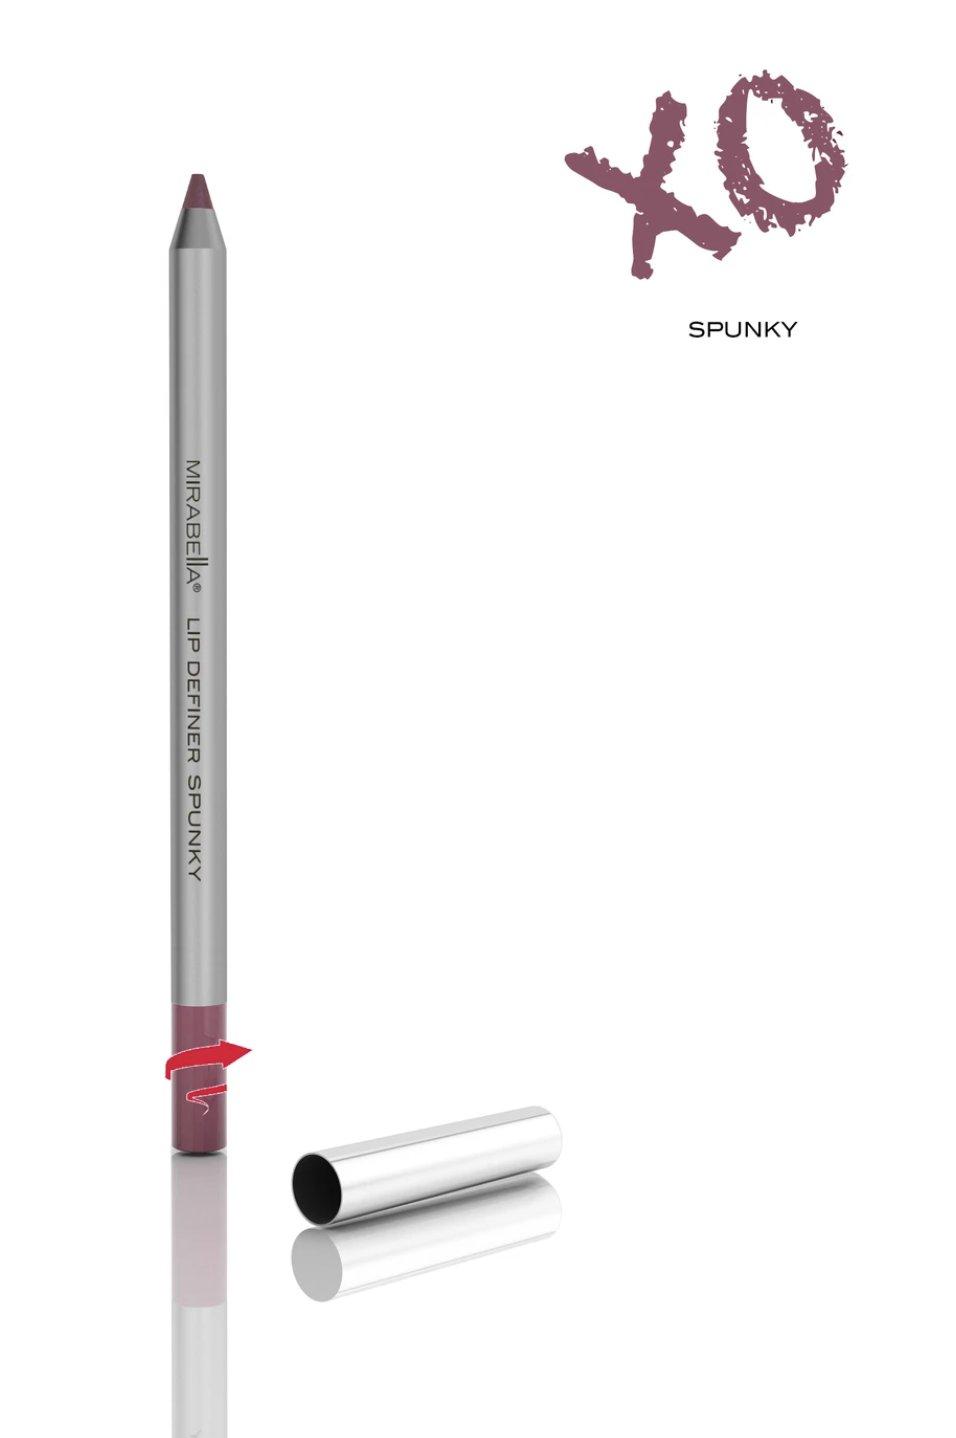 Mirabella Line and Define Retractable Lip Definer Pencil - Spunky